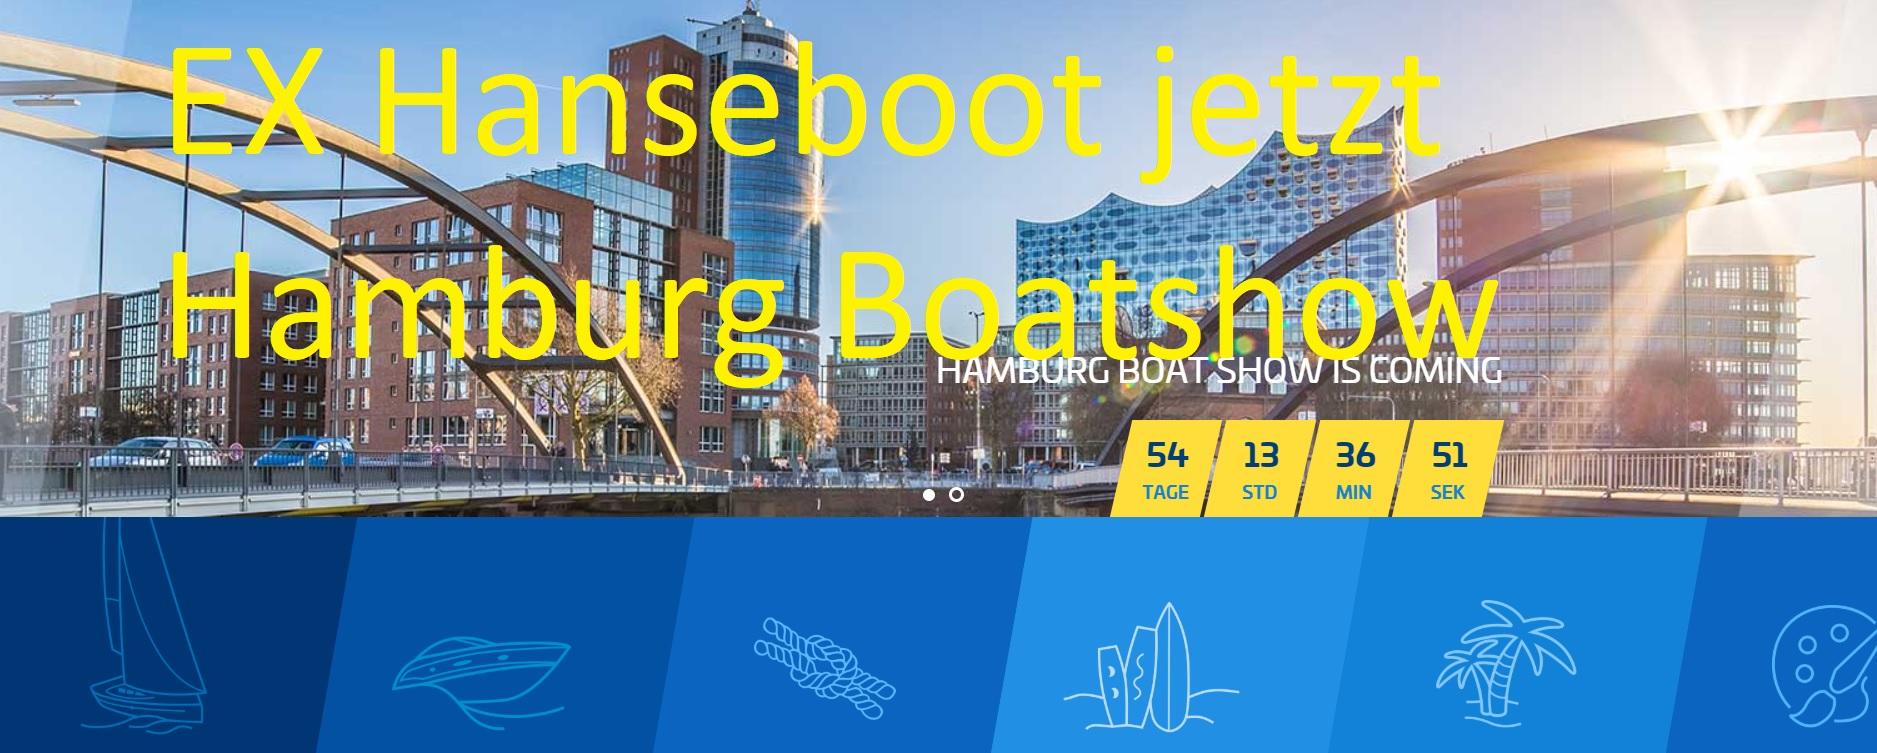 Hamburg Boatshow 2018